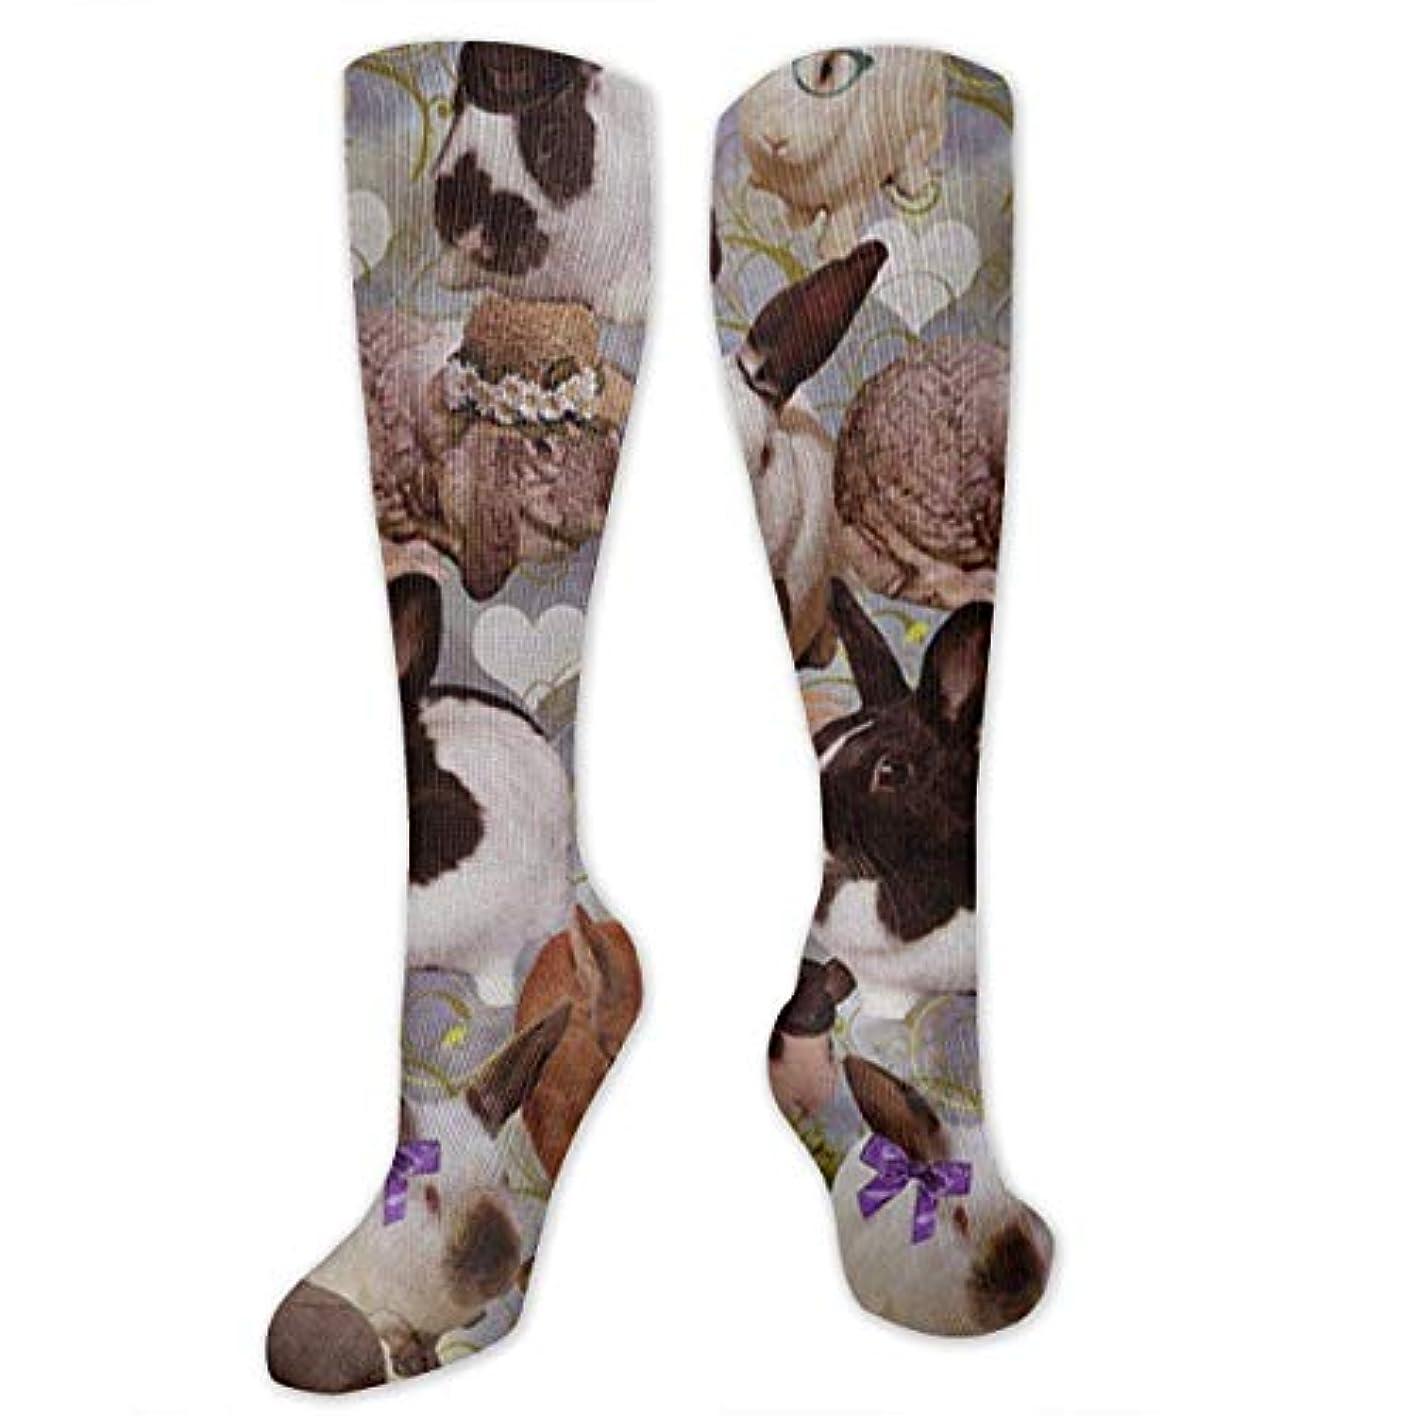 フルーツ野菜印をつける隙間靴下,ストッキング,野生のジョーカー,実際,秋の本質,冬必須,サマーウェア&RBXAA Happy Bunnies Socks Women's Winter Cotton Long Tube Socks Cotton Solid...